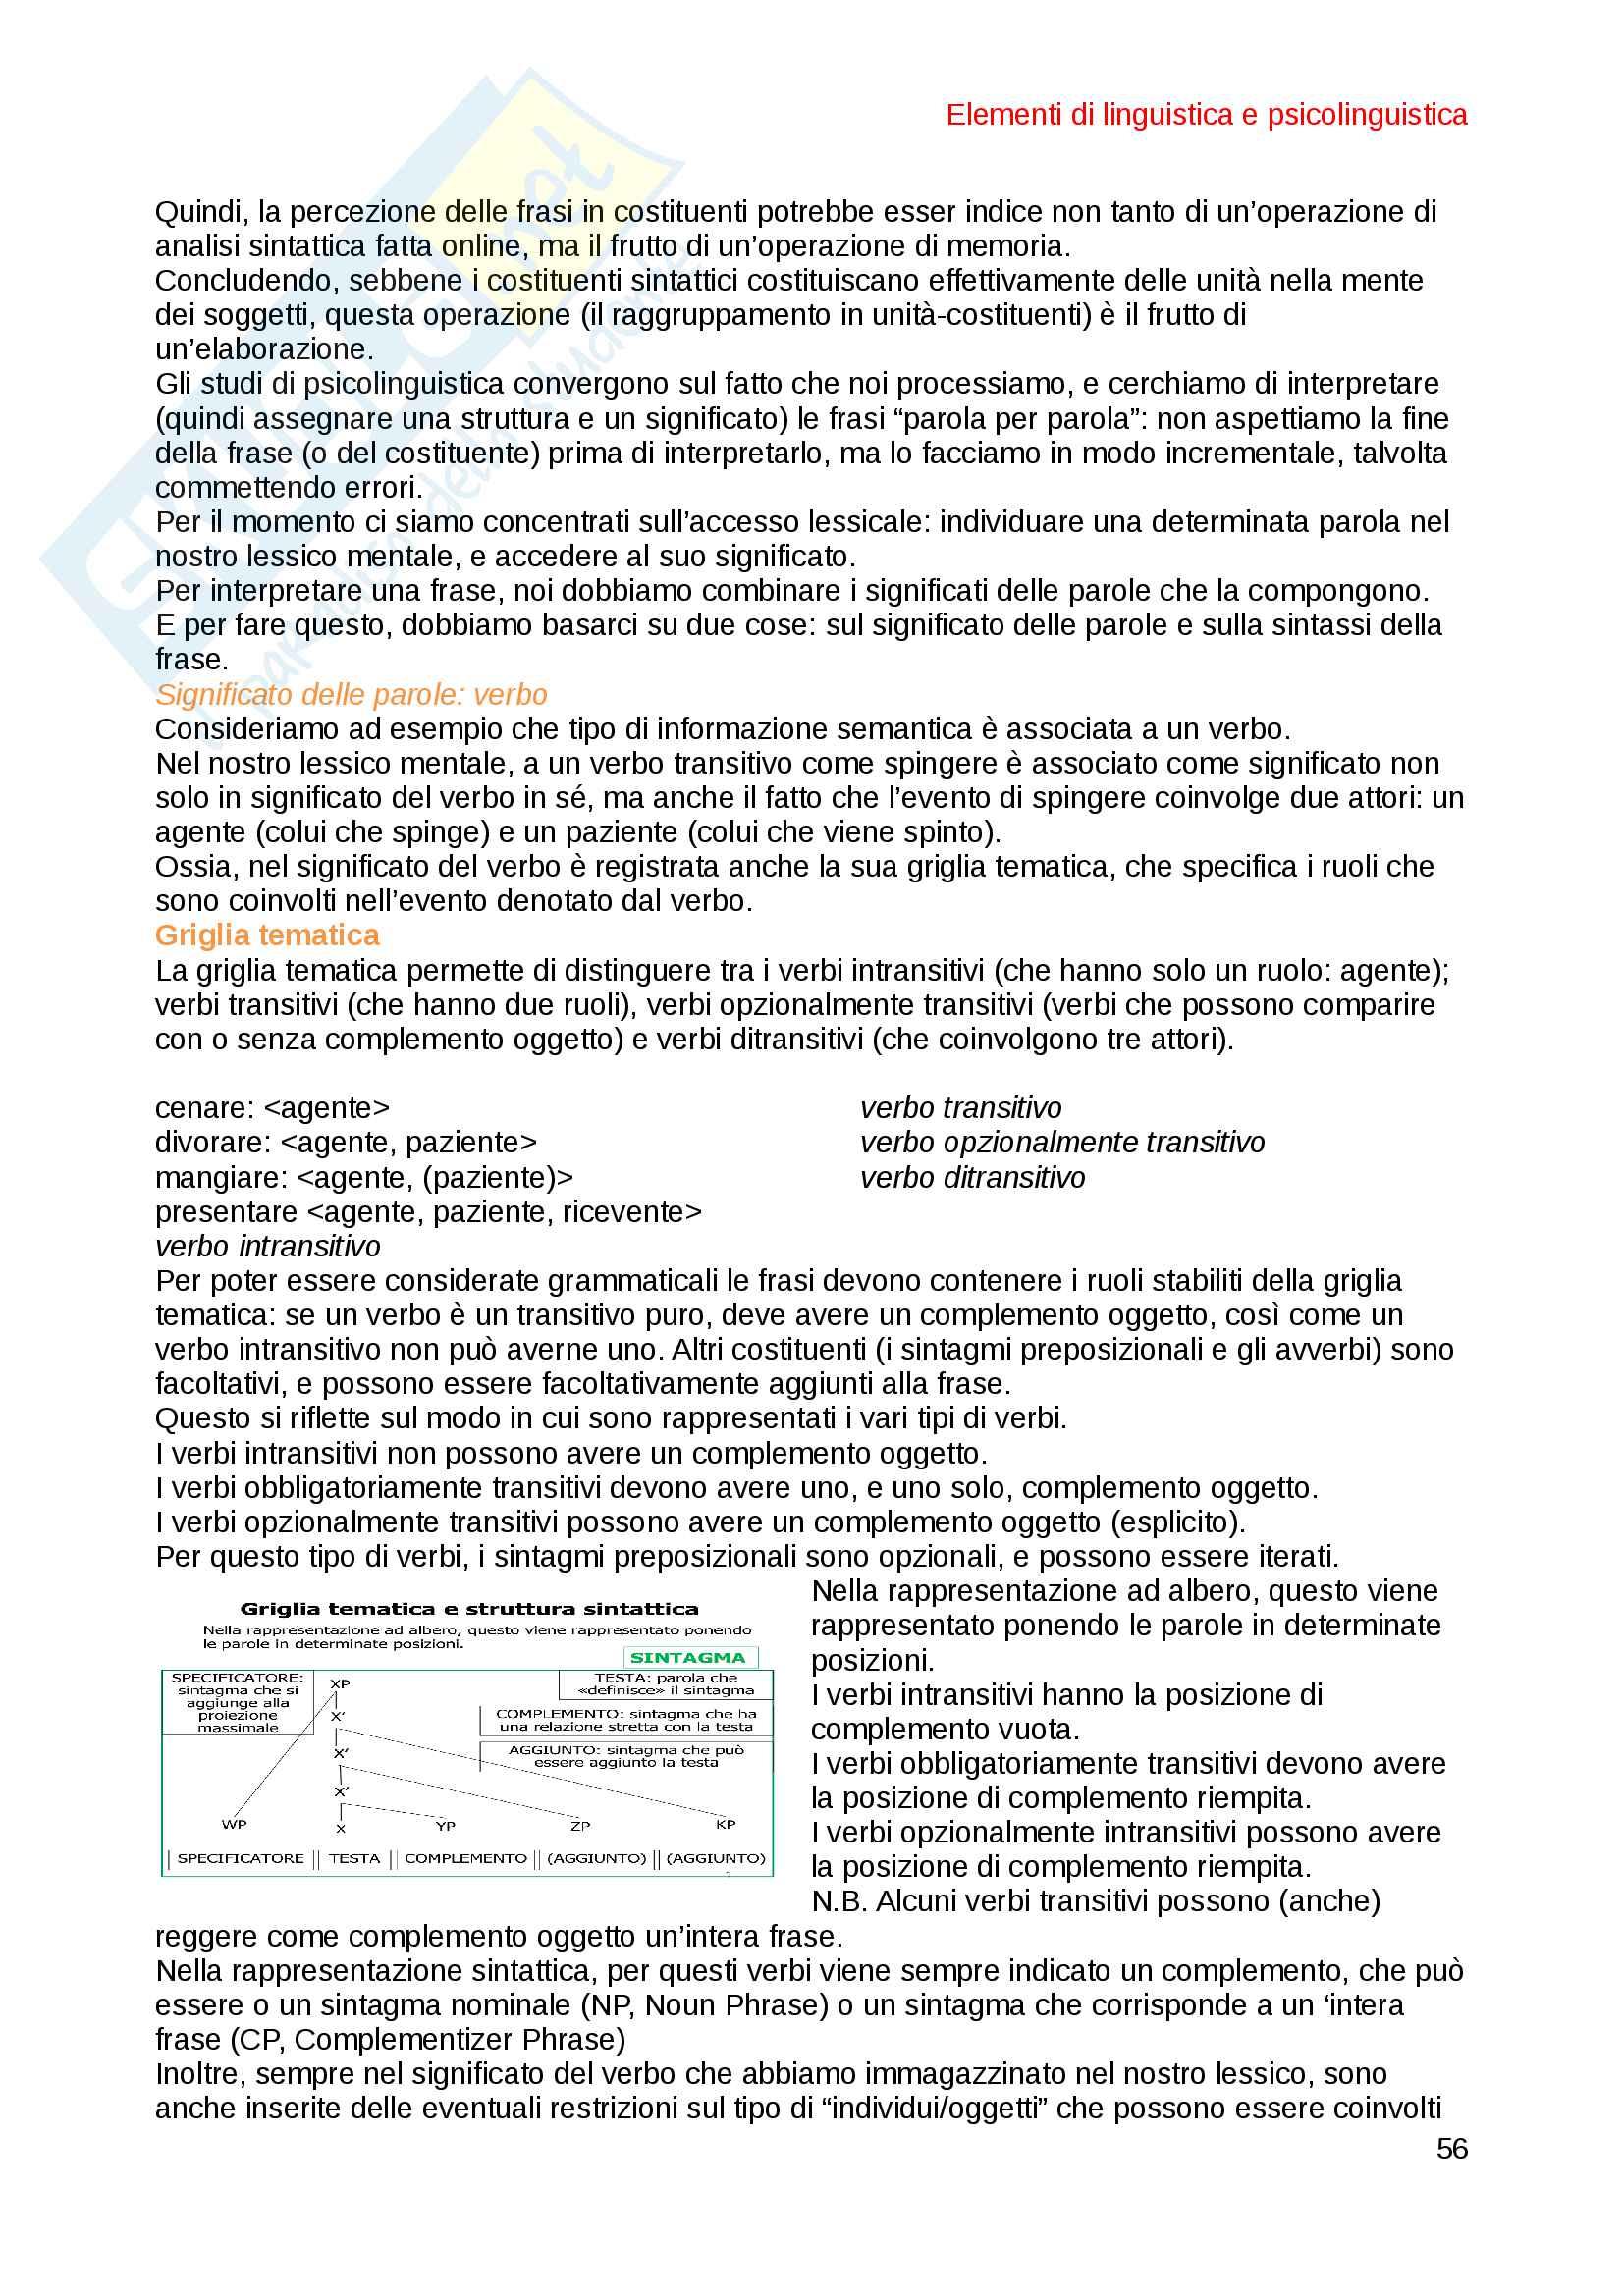 Elementi di Linguistica e Psicolinguistica Pag. 56